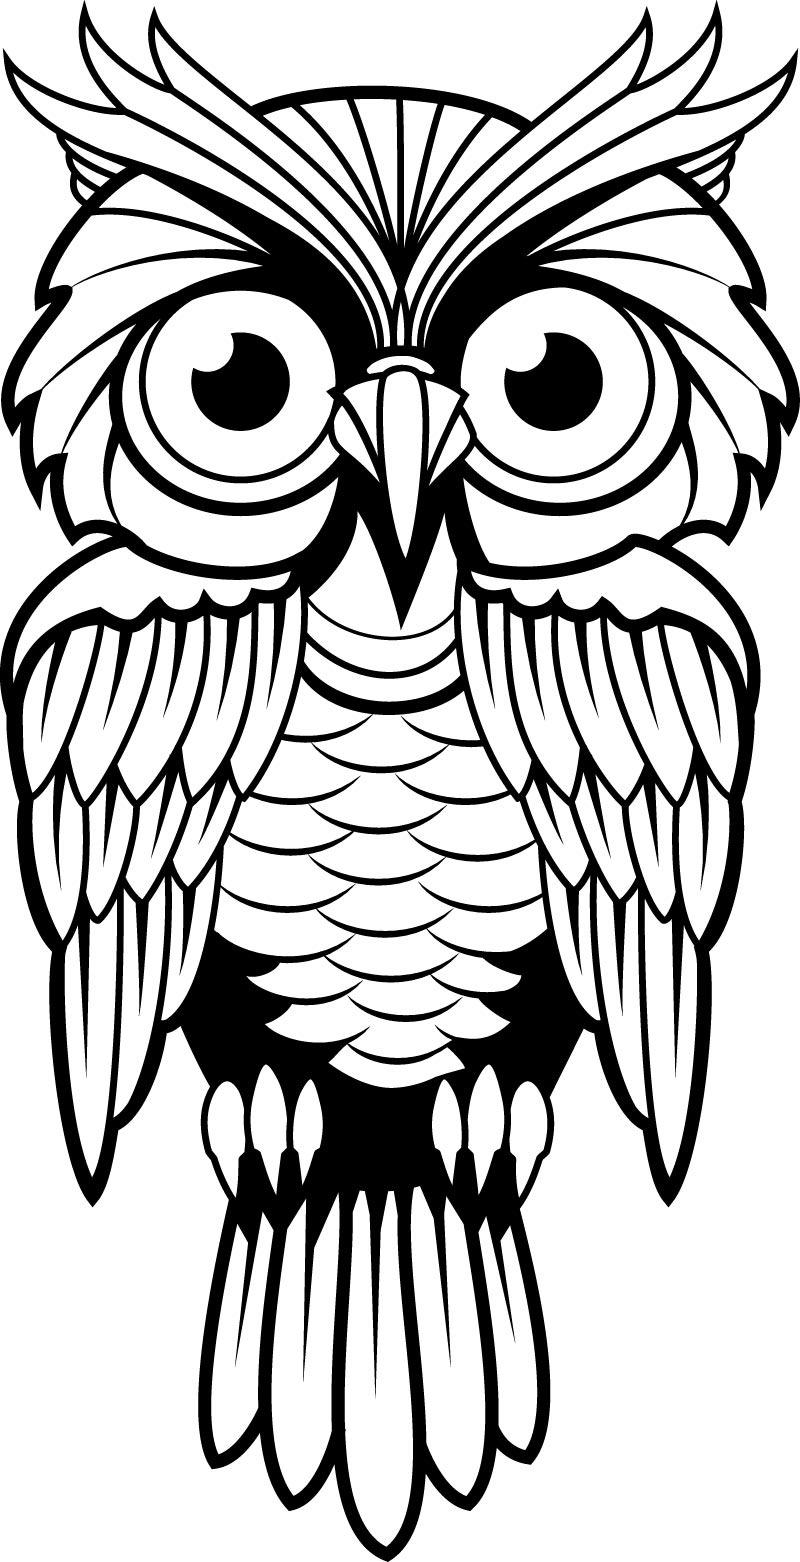 手绘卡通猫头鹰免费下载 动物 猫头鹰 手绘 素描 手绘 素描 动物 猫头